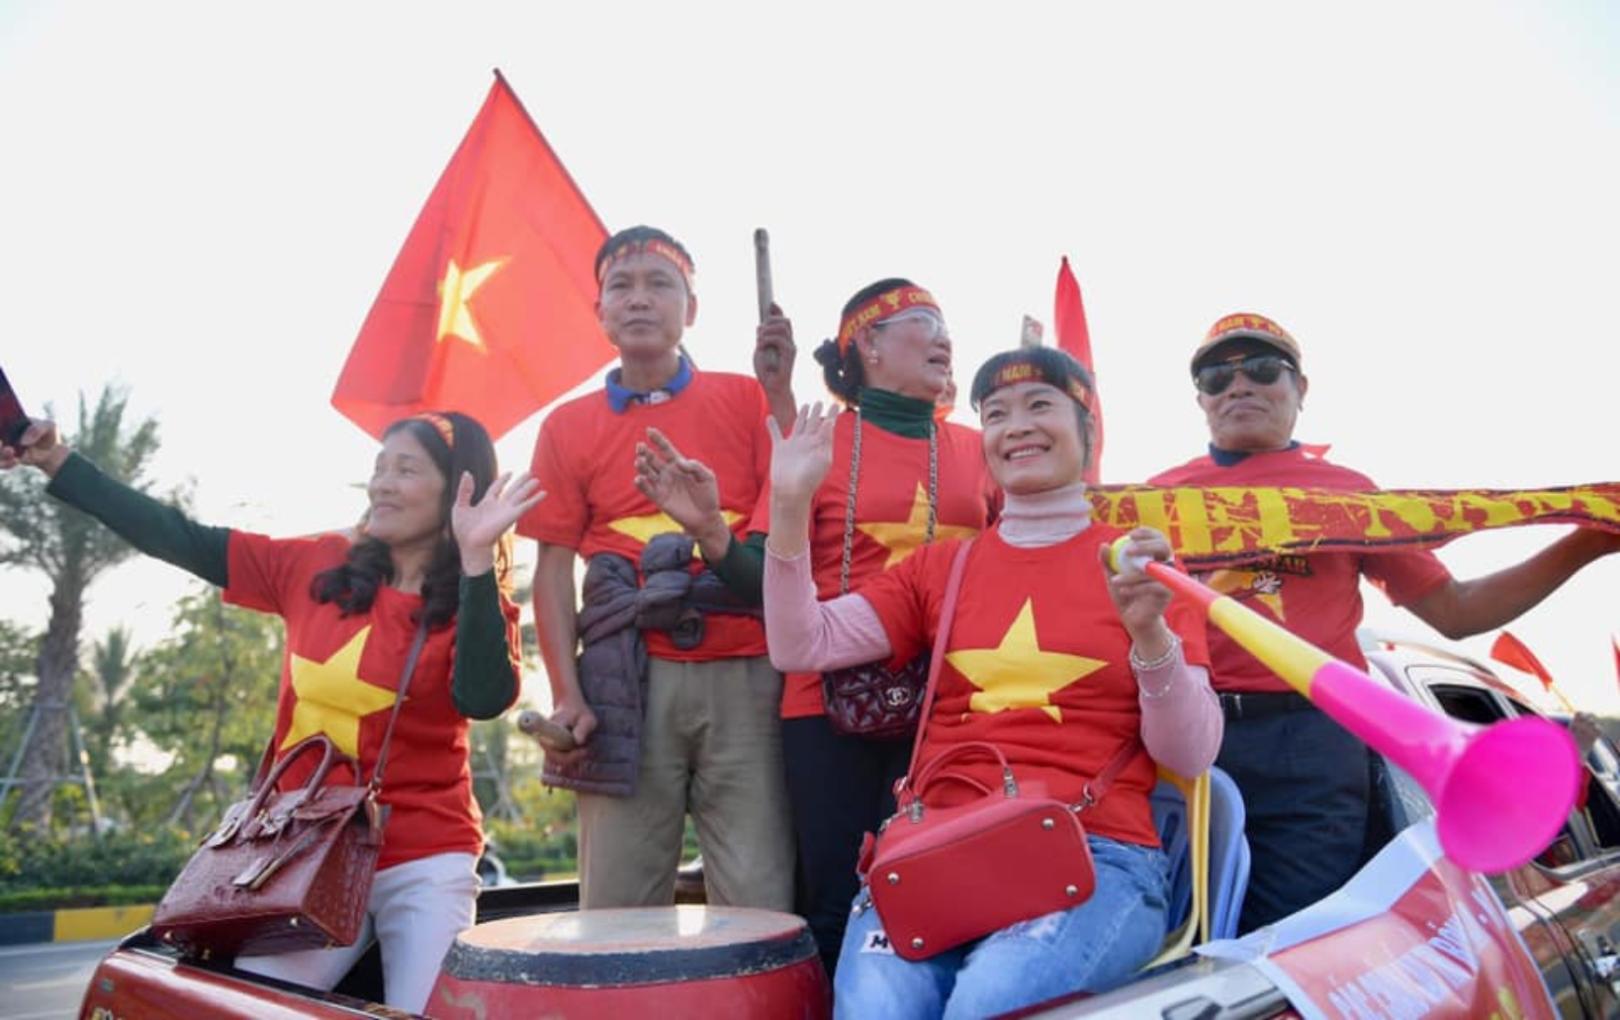 Hàng nghìn người hâm mộ đứng chờ ở sân bay Nội Bài, hân hoan đón những người hùng trở về